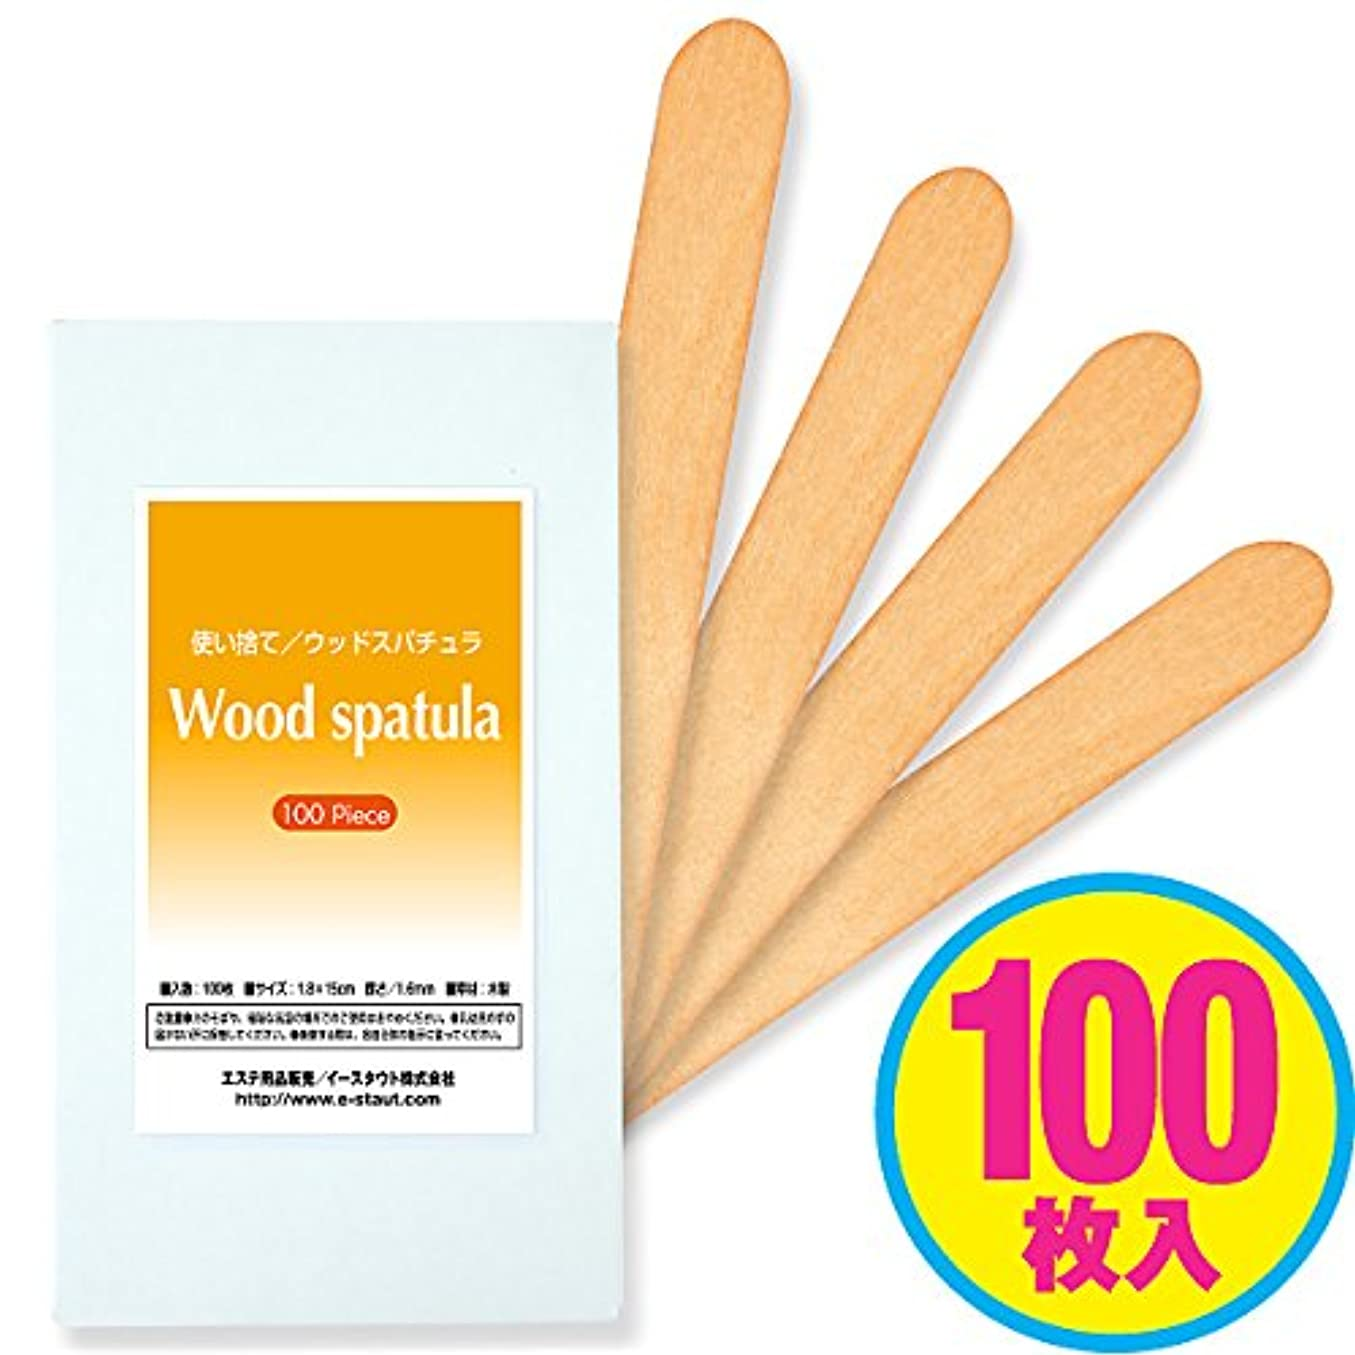 構築するできれば弾性使い捨て【木ベラ/ウッドスパチュラ】(業務用100枚入り)/WAX脱毛等や舌厚子にも